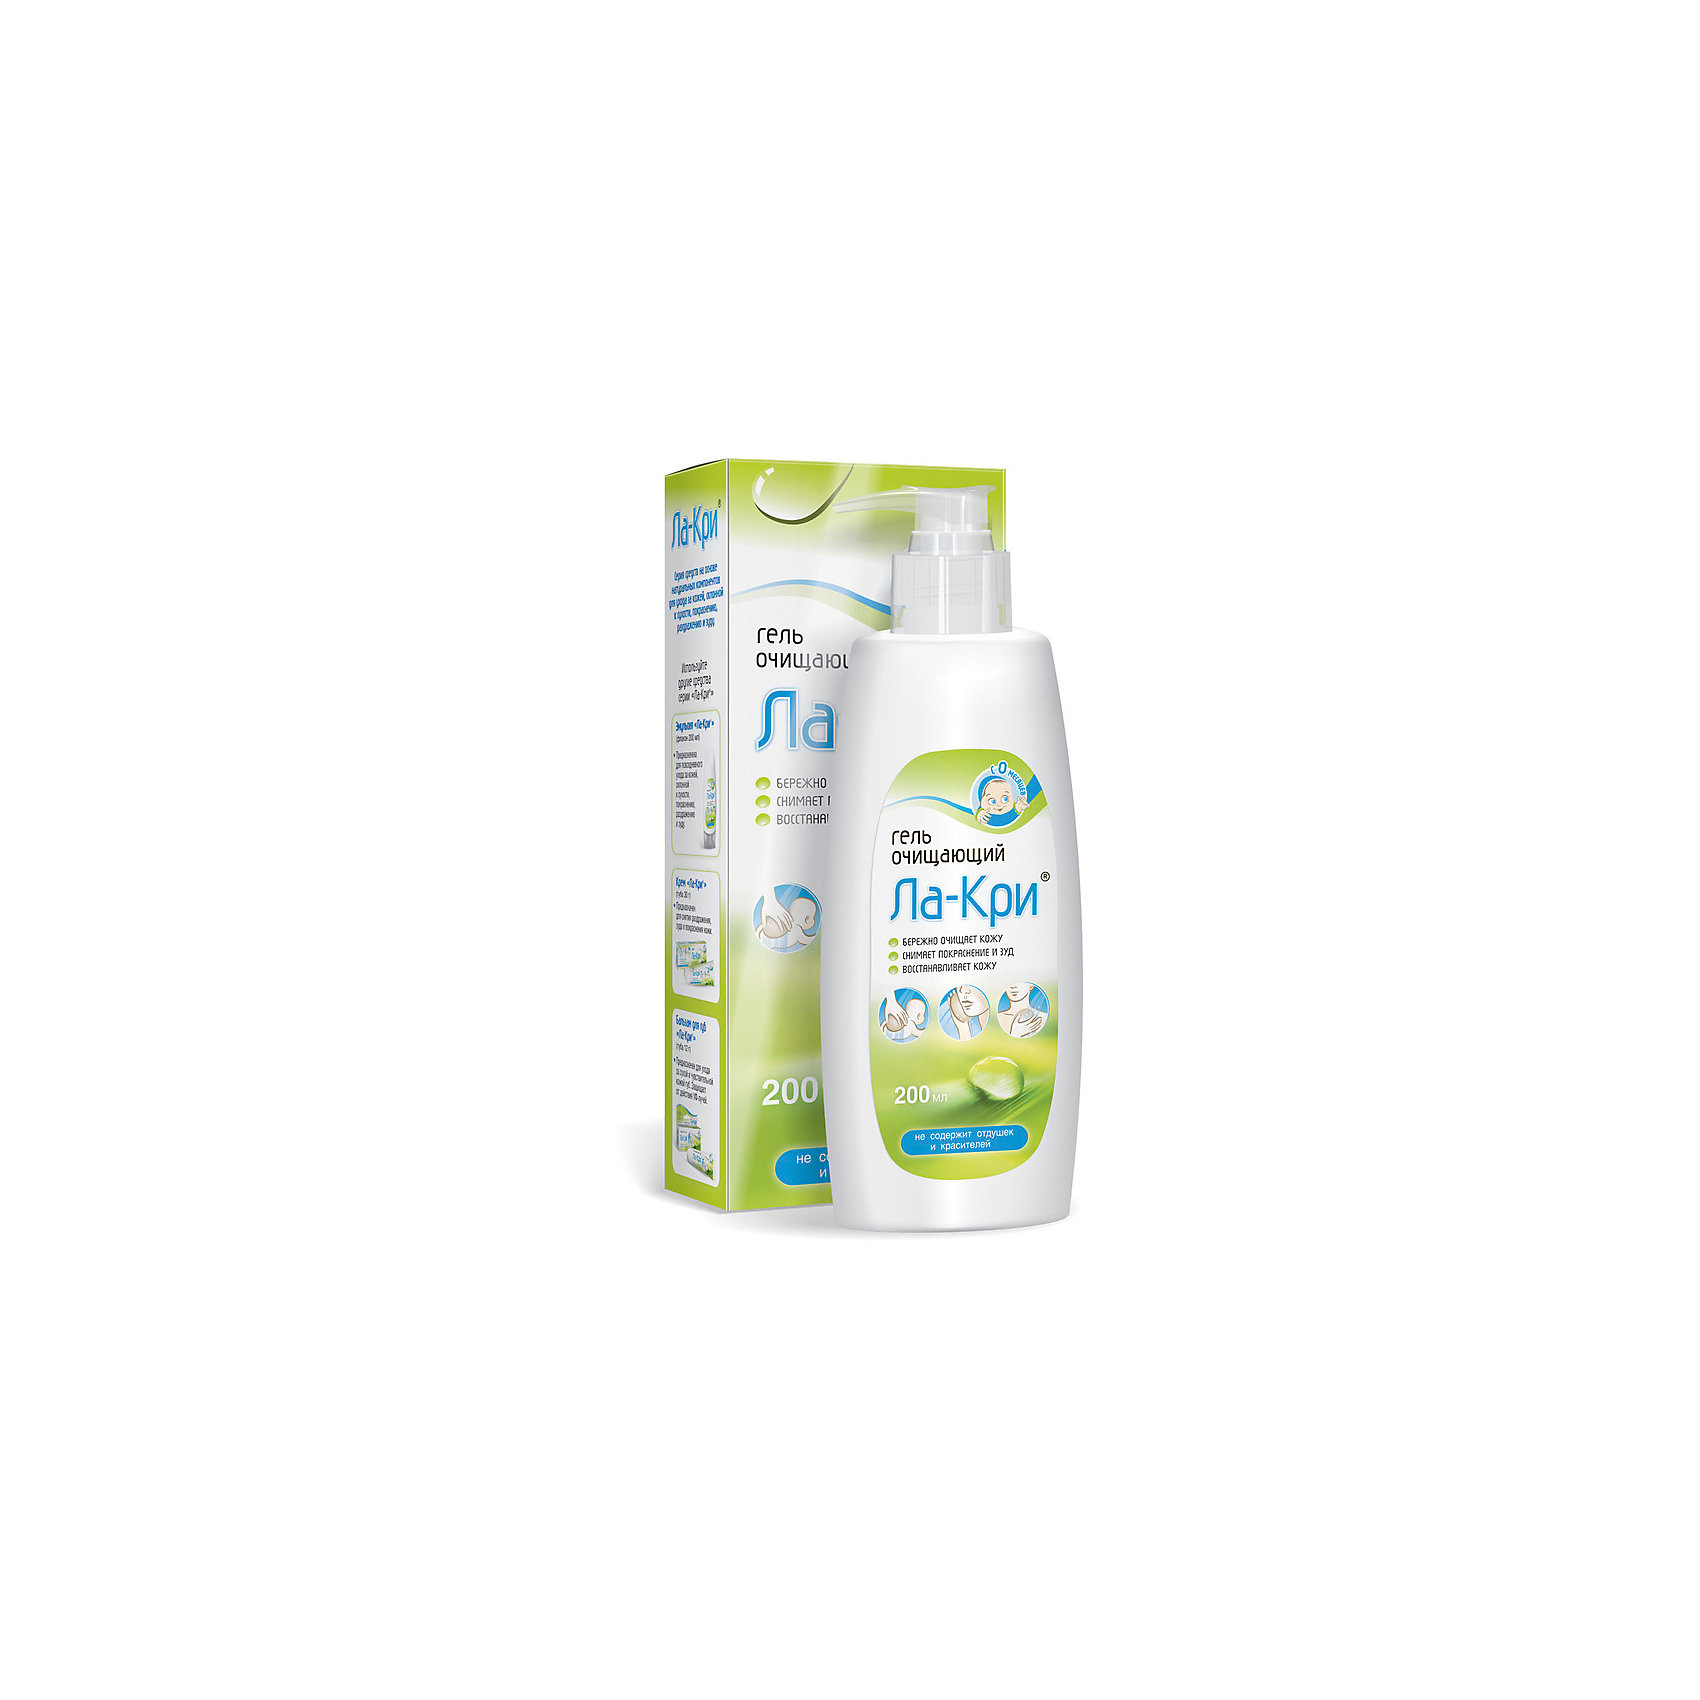 Гель очищающий 200 мл., ЛА-КРИОчищающий гель Ла-Кри разработан для повседневного очищения кожи, имеющей склонность к зуду, покраснениям, раздражению и сухости, снижает чувствительность кожи. Очищающий гель может использоваться для гигиены рук, лица или всего тела. <br>Гель содержит  вещества на растительной основе, которые поддерживают нужный уровень влажности кожи. Гель также можно использовать в качестве пены для ванны.<br>Подходит для постоянного применения.<br>Очищающий гель Ла-Кри подходит для гигиенического ухода за чувствительной кожей Ваших мадышей.<br><br> Дополнительная информация: <br><br>- форма выпуска: 200 г.<br>- торговая марка : Вертекс<br>- страна изготовления:  Россия<br><br>Гель очищающий  Ла-Кри можно купить в нашем интернет-магазине.<br><br>Ширина мм: 250<br>Глубина мм: 150<br>Высота мм: 100<br>Вес г: 200<br>Возраст от месяцев: -2147483648<br>Возраст до месяцев: 2147483647<br>Пол: Унисекс<br>Возраст: Детский<br>SKU: 4801618